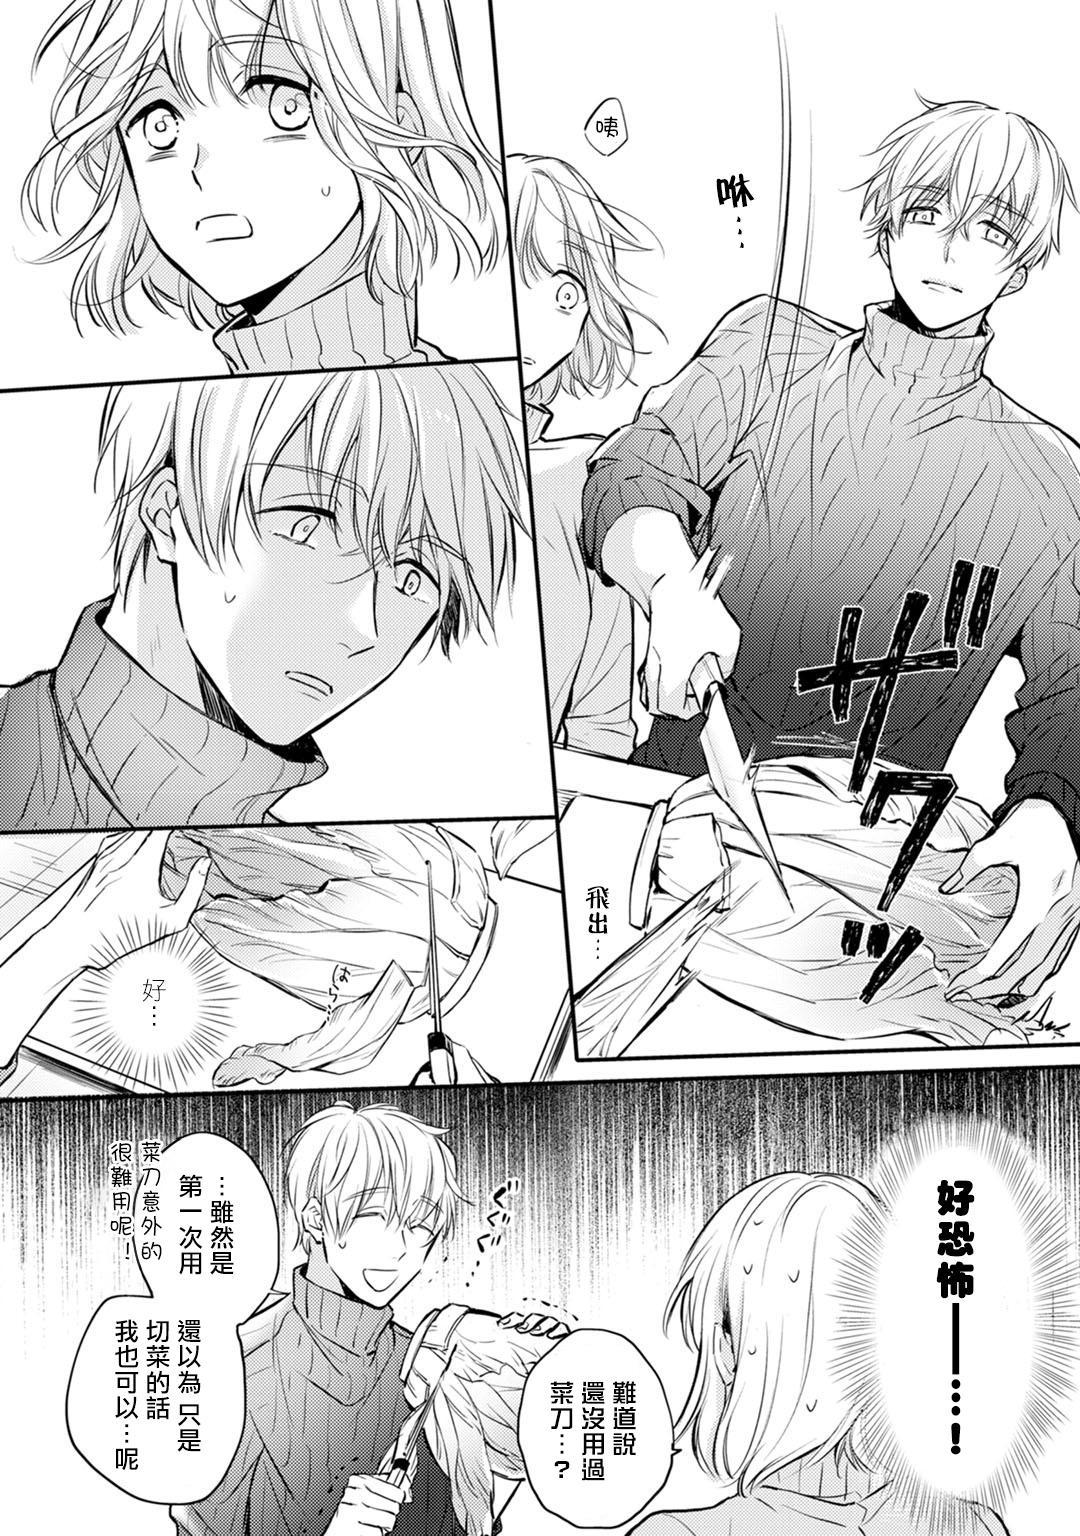 [Shichigatsu Motomi]  Sonna Kao shite, Sasotteru? ~Dekiai Shachou to Migawari Omiaikekkon!?~ 1-11  這種表情,在誘惑我嗎?~溺愛社長和替身相親結婚!? [Chinese] [拾荒者汉化组] 36